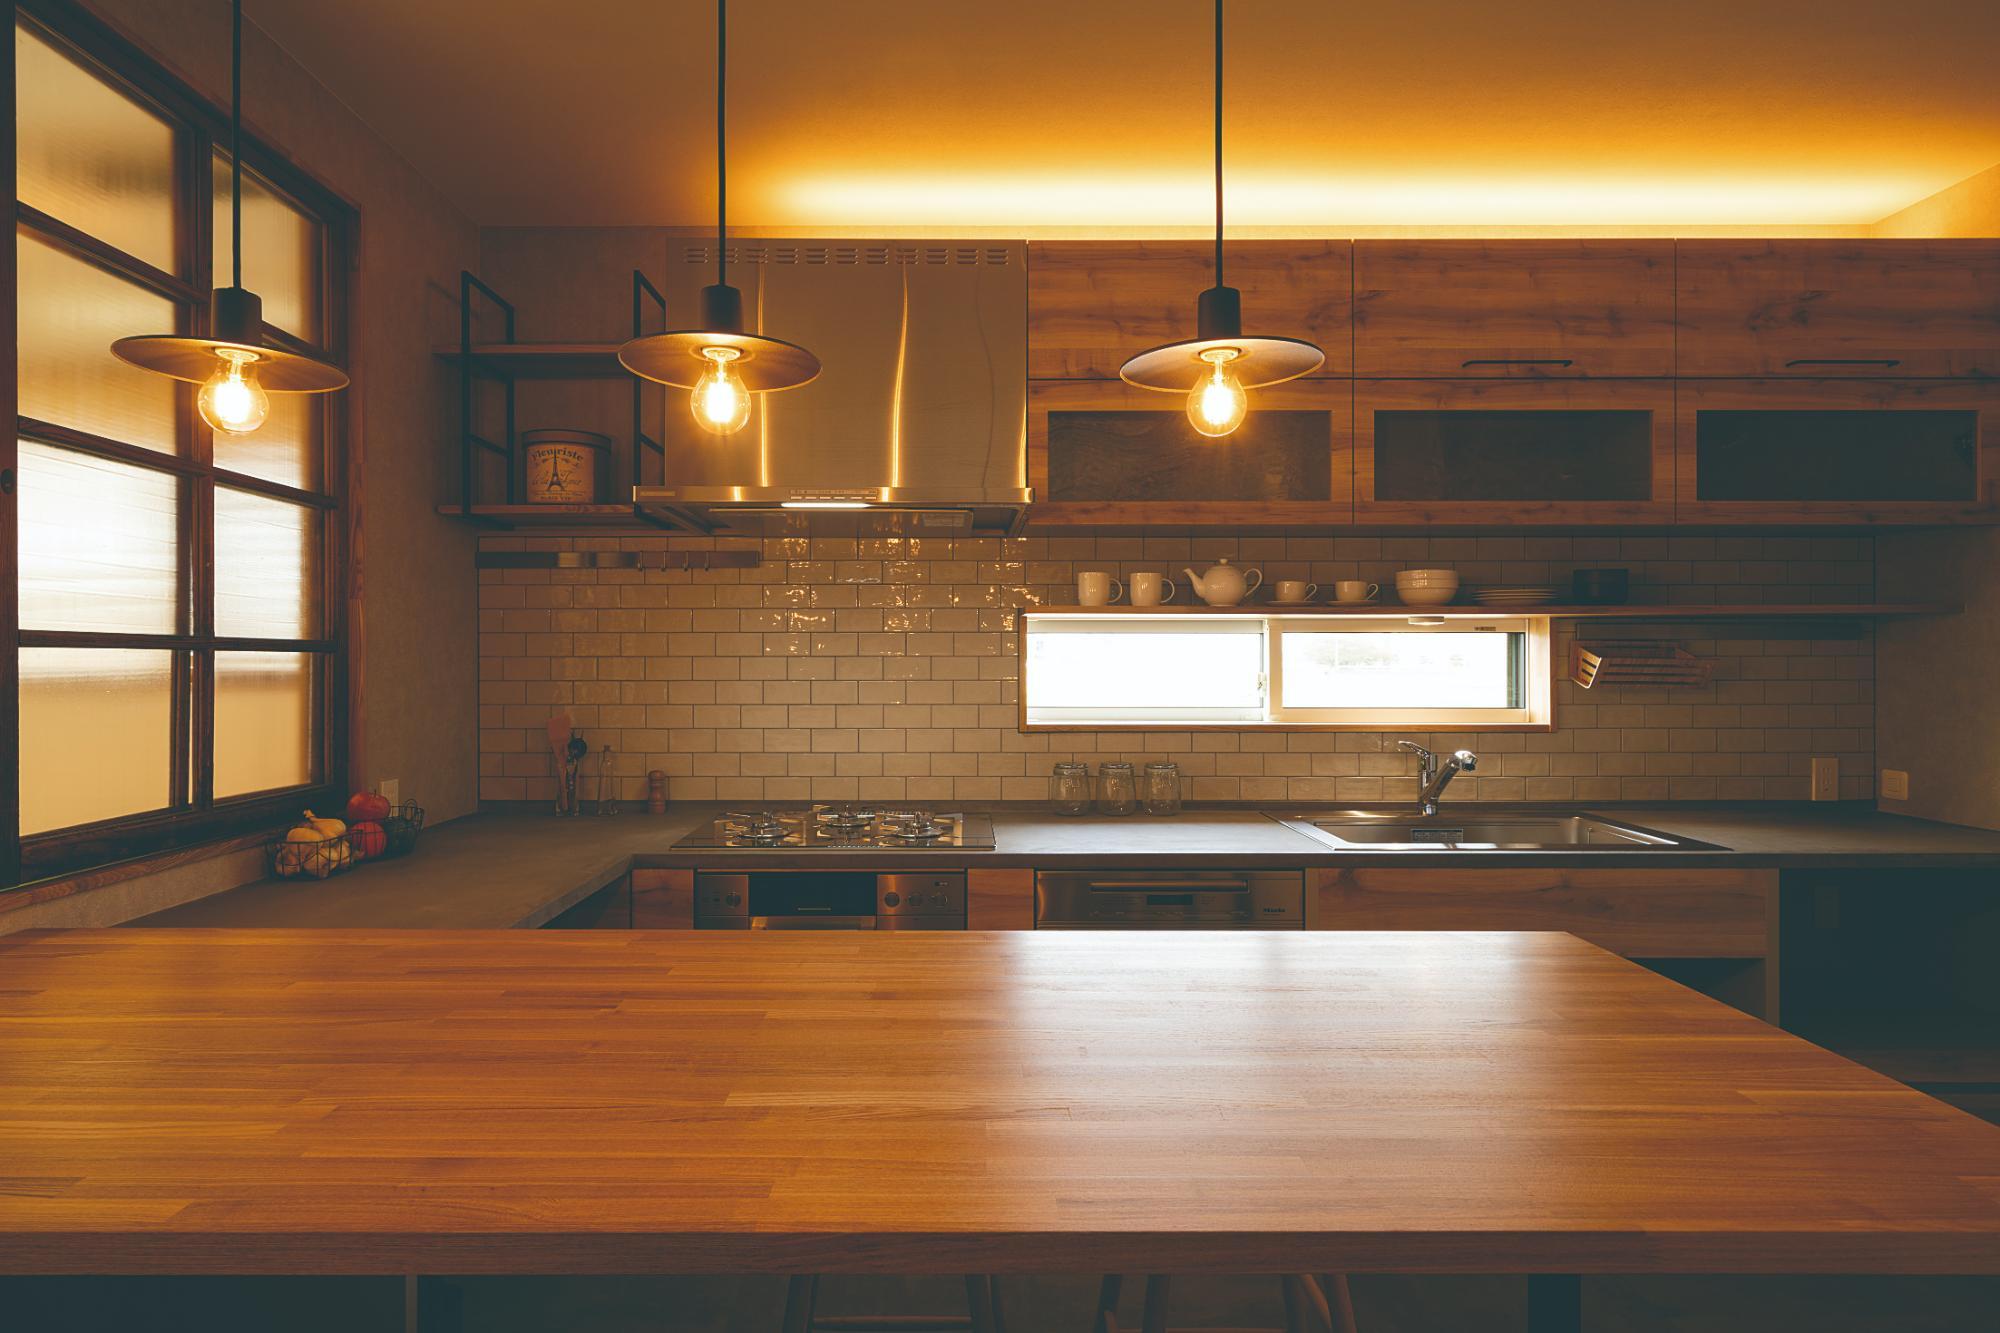 仕切ることで得る開放感、今どきの農家キッチンの写真12